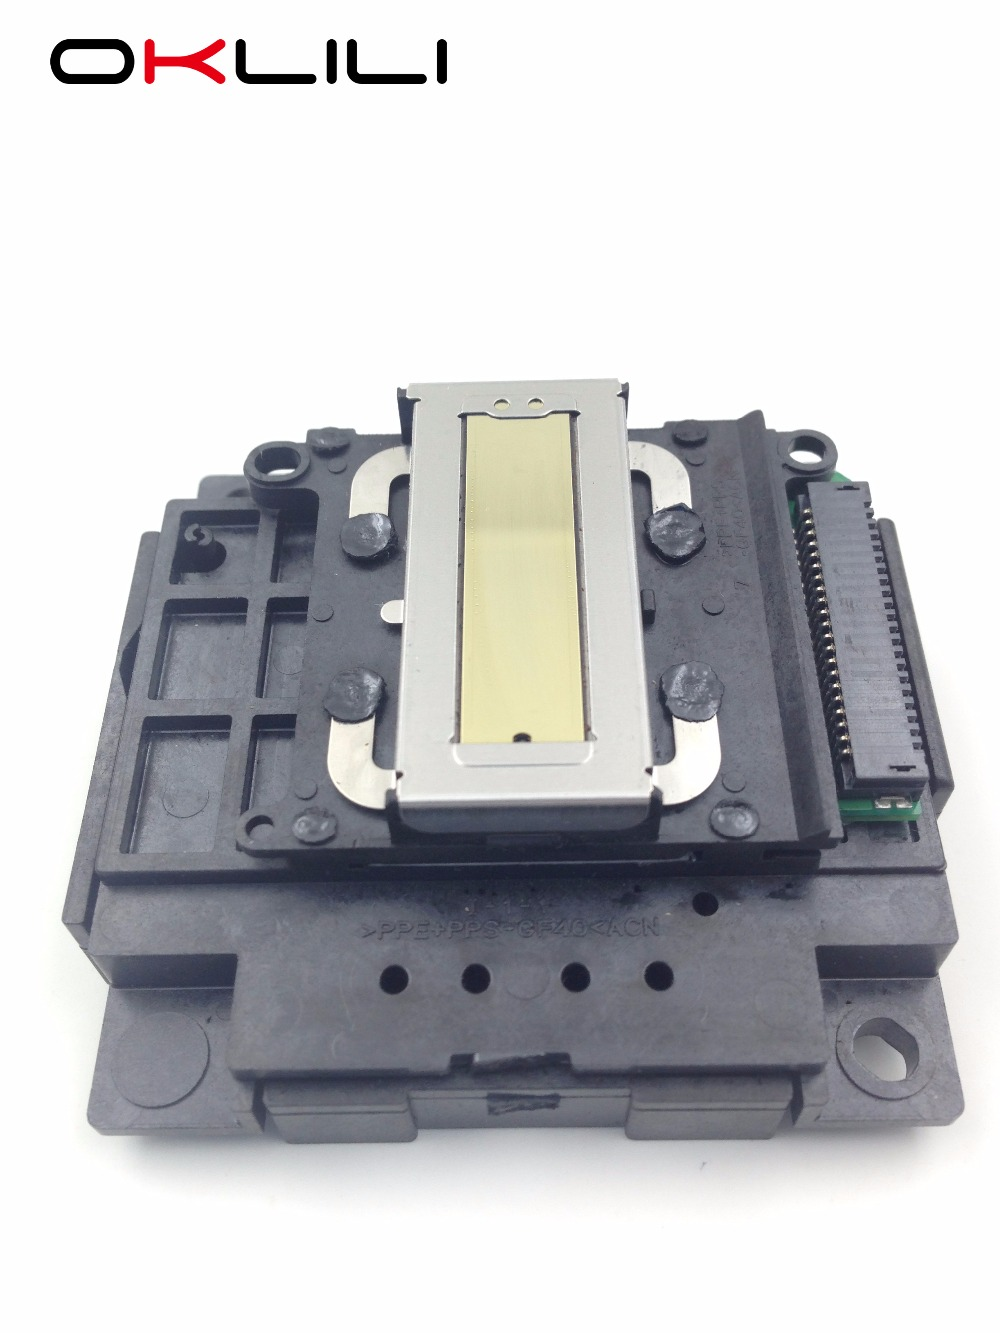 FA04000 FA04010 Printerhoved Printerhoved til Epson WF-2010 WF-2510 WF-2520 WF-2530 WF-2540 ME401 ME303 WF2010 WF2510